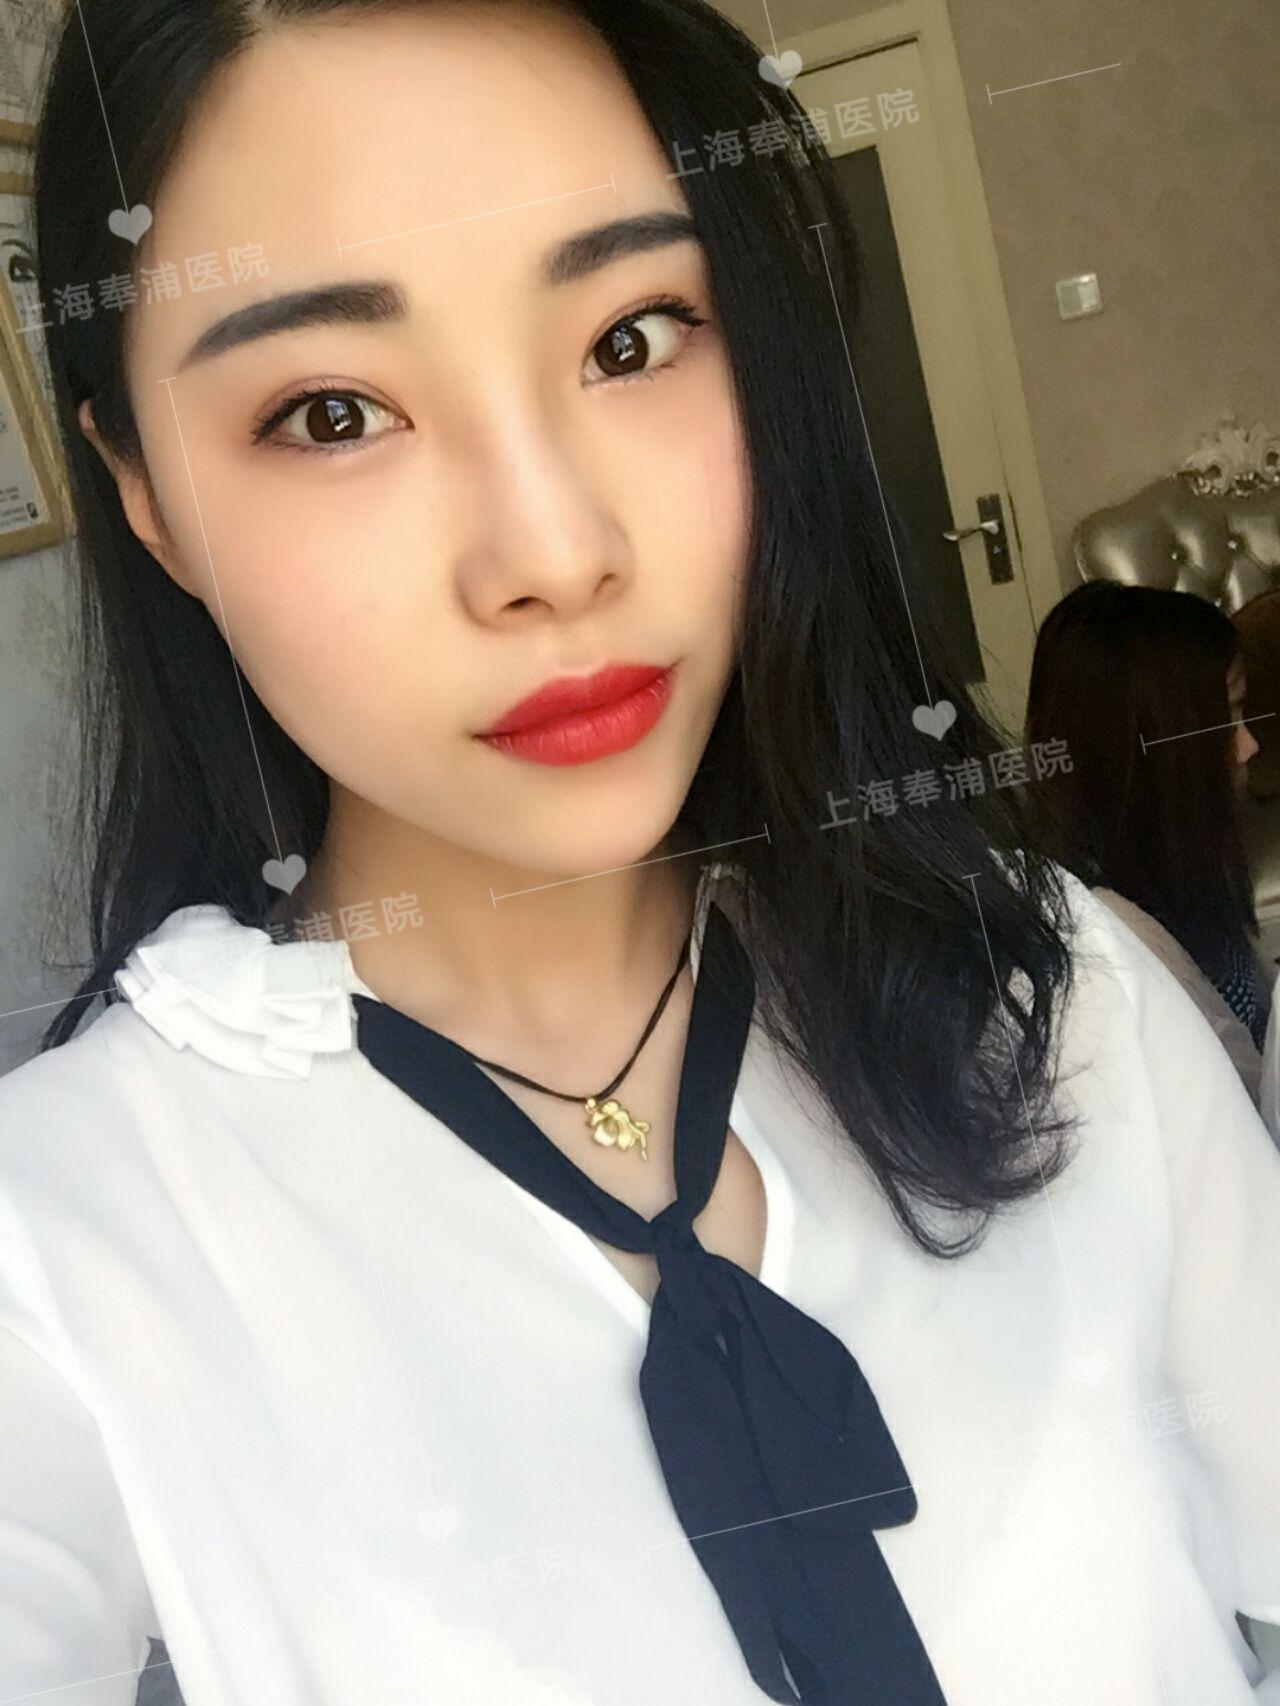 今天要跟大家分享的是我去上海奉浦医疗美容打了瘦脸针和玻尿酸填充隆鼻的心得 先来唠唠我原本的脸型吧,其实也不算太胖、不算大,可是我的咬肌嚼肌很大块,所以拍照的时候整个脸就会看起来很大 之前有朋友说过我的脸要是在继续大下去,脸就不能再看了,桑心~~ 再来唠唠我的鼻型,说真的没有山根的鼻子真的是撑不起来脸部的颜值,,侧颜也只能看到一个大脸和鼻头了,怎么拍照都不好的那种,你们知道那种自卑感吗? 所以我就决定在医院解决我的困扰了......